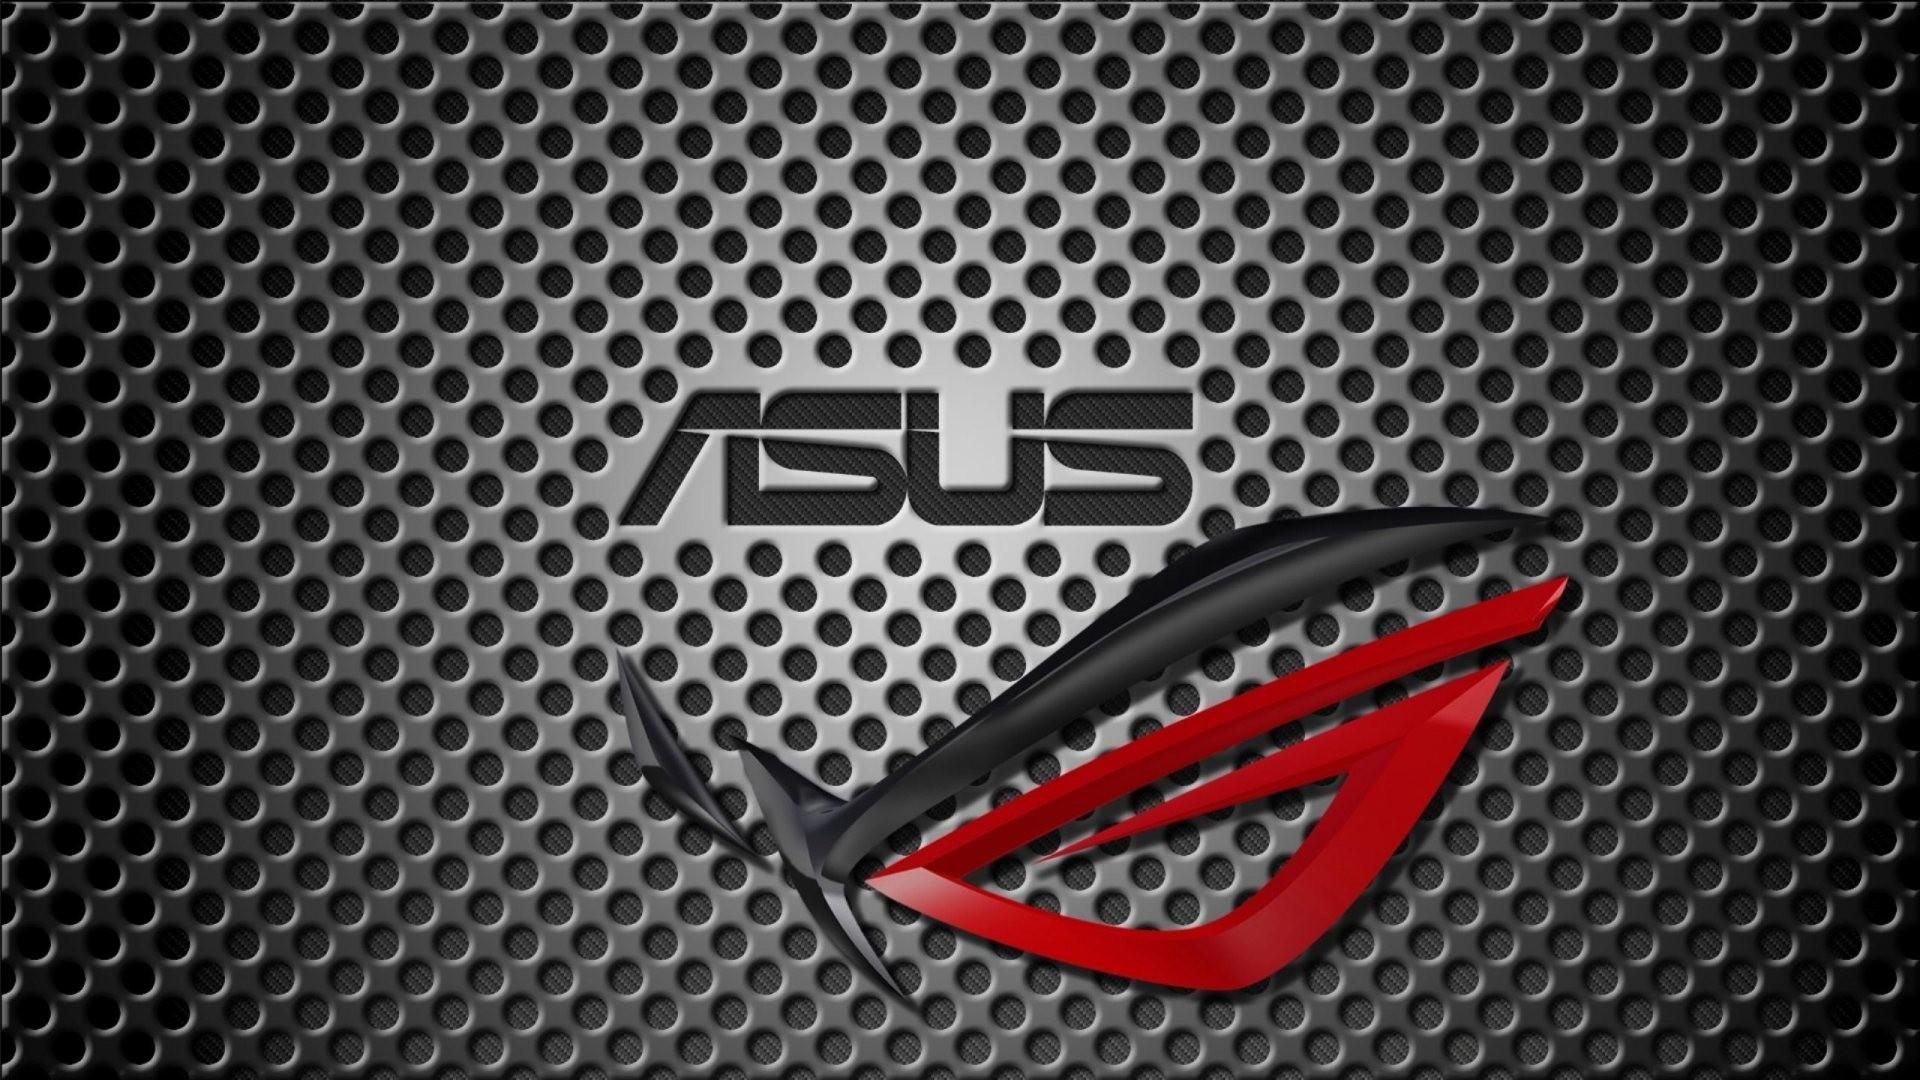 Asus Wallpaper | Full HD Desktop Wallpapers 1080p